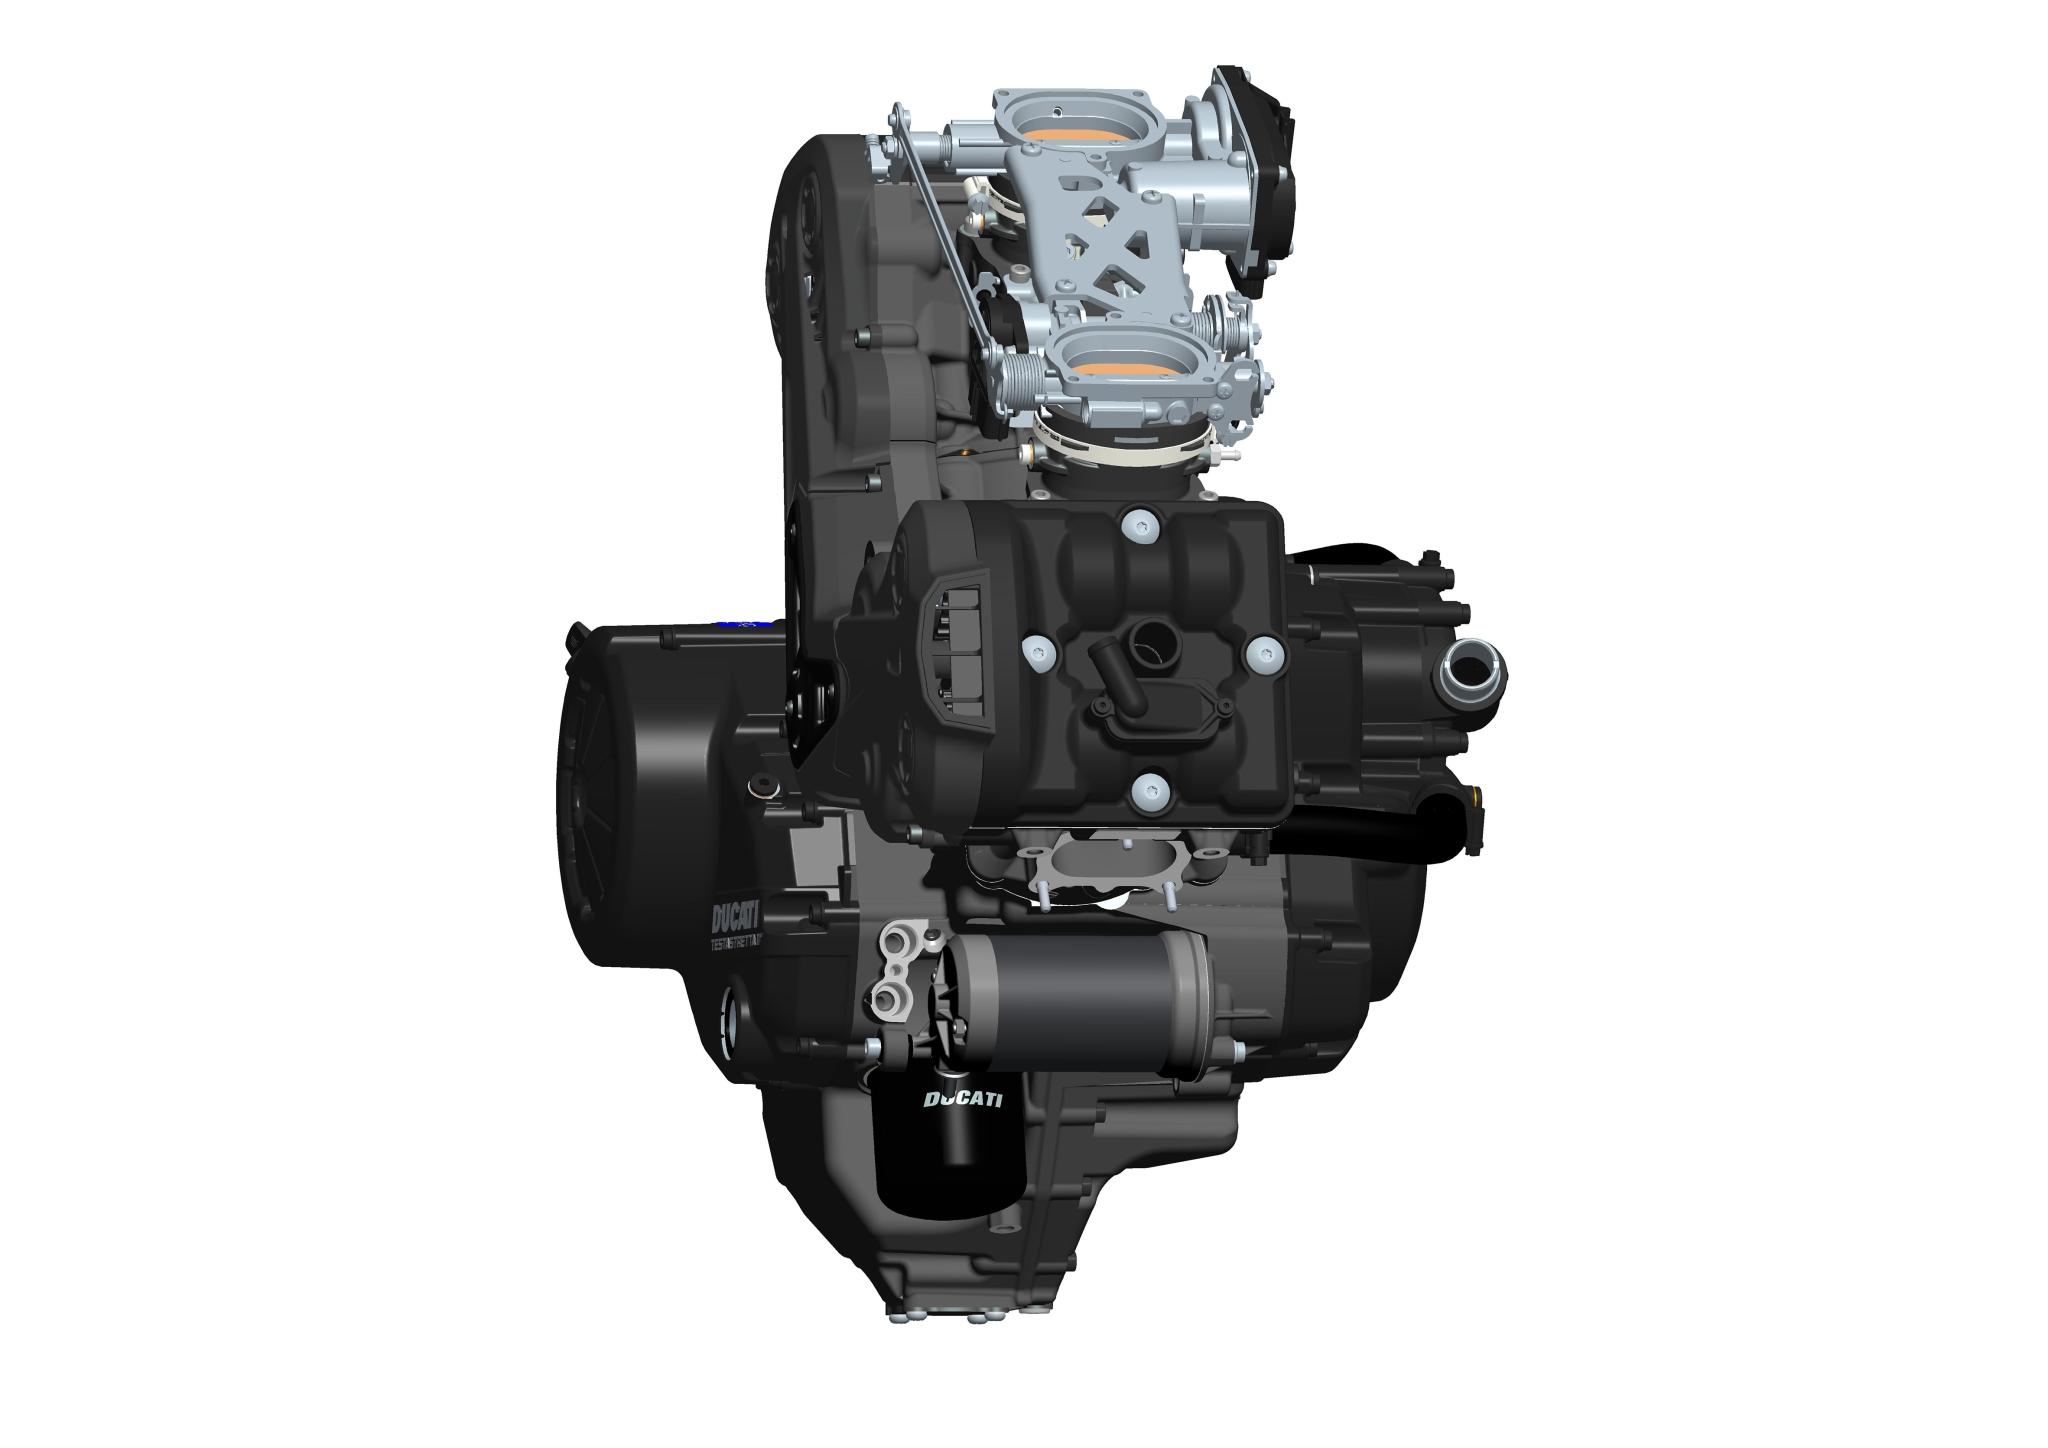 New Ducati Diavel Carbon Xxx Autoevolution Engine Diagrams 2015